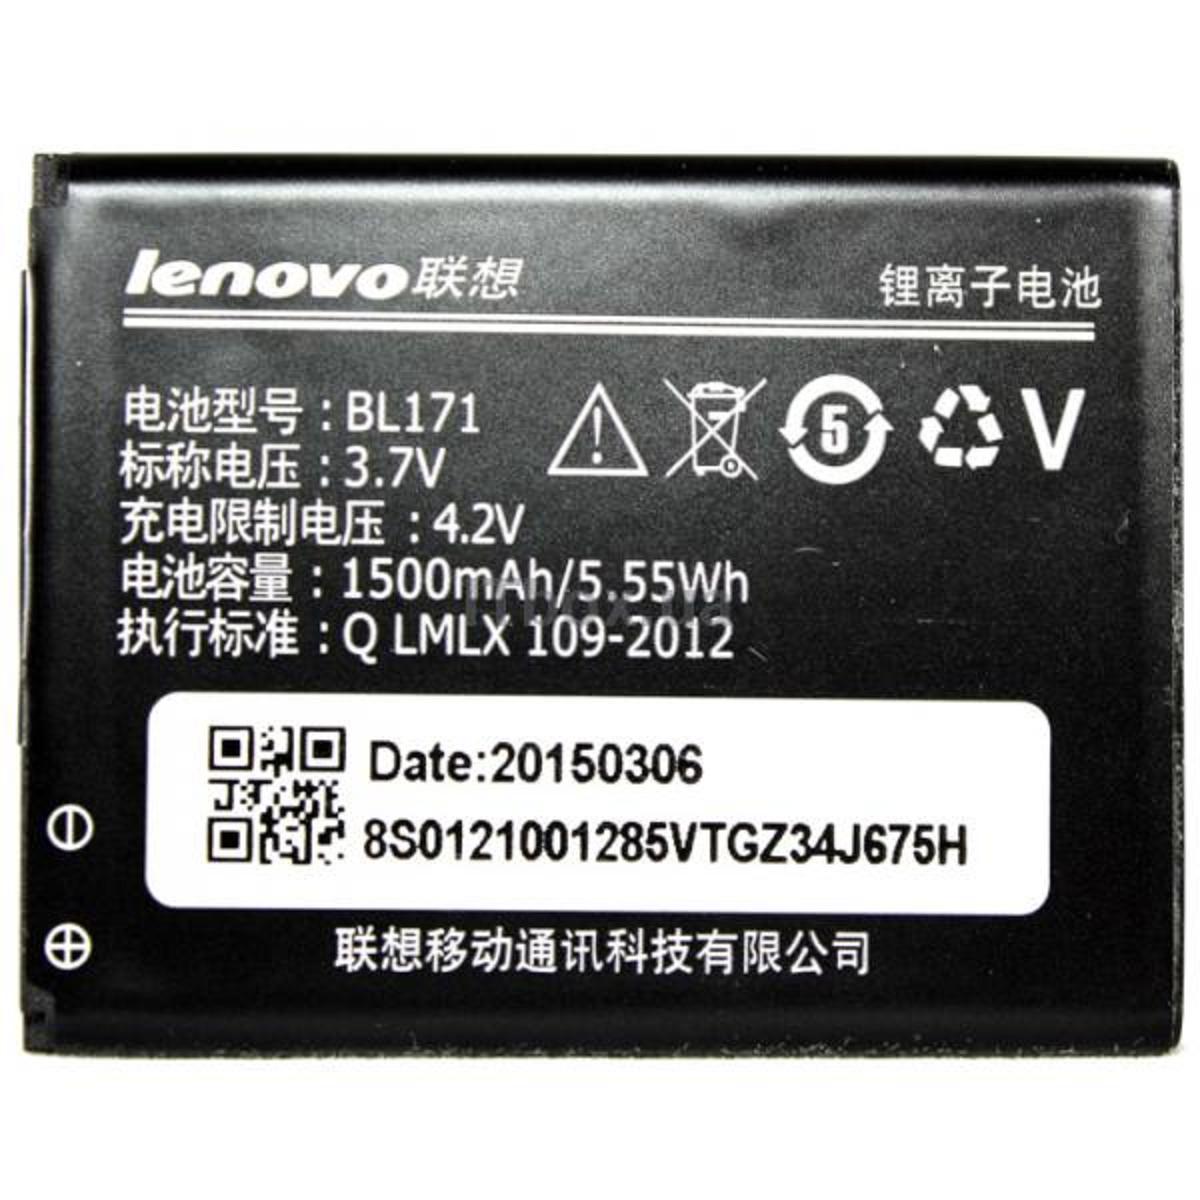 Купить Аксесуари для мобільних телефонів, Акумулятор PowerPlant Lenovo BL171, DV00DV6234